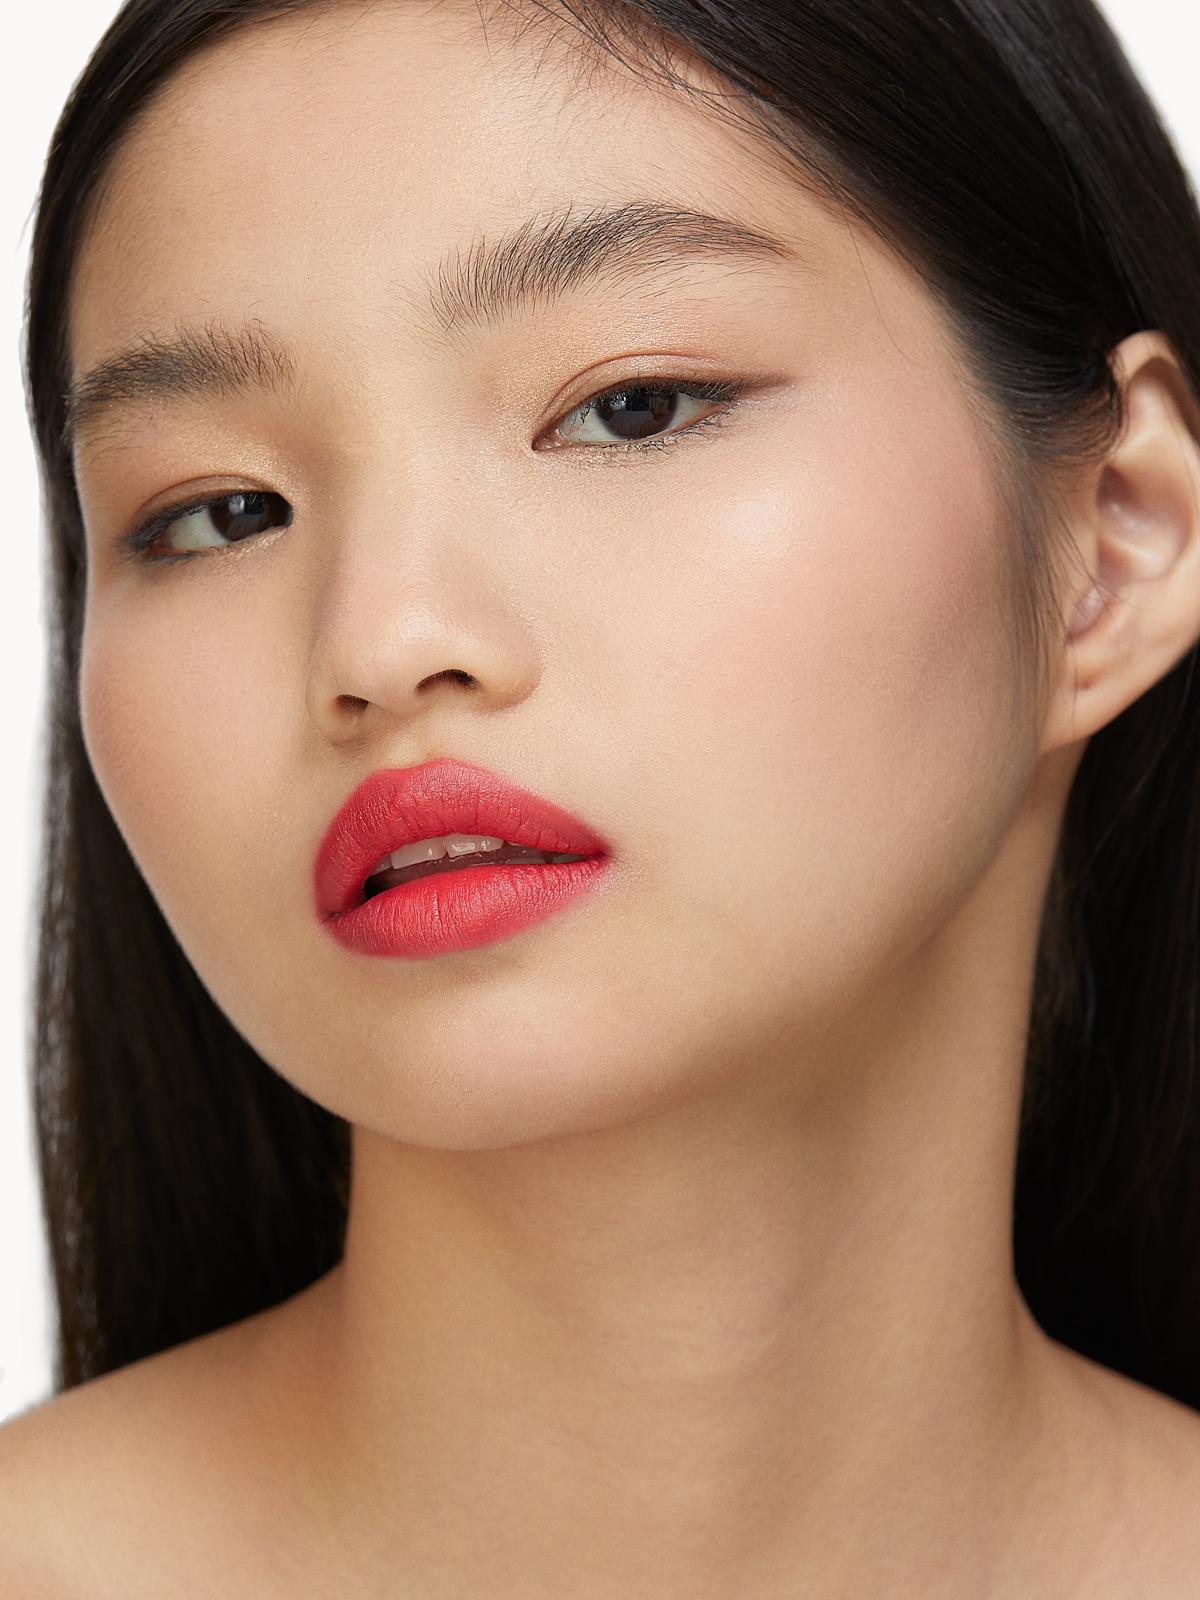 B by BANILA Lipdraw Matte Blast Lipstick Sugary